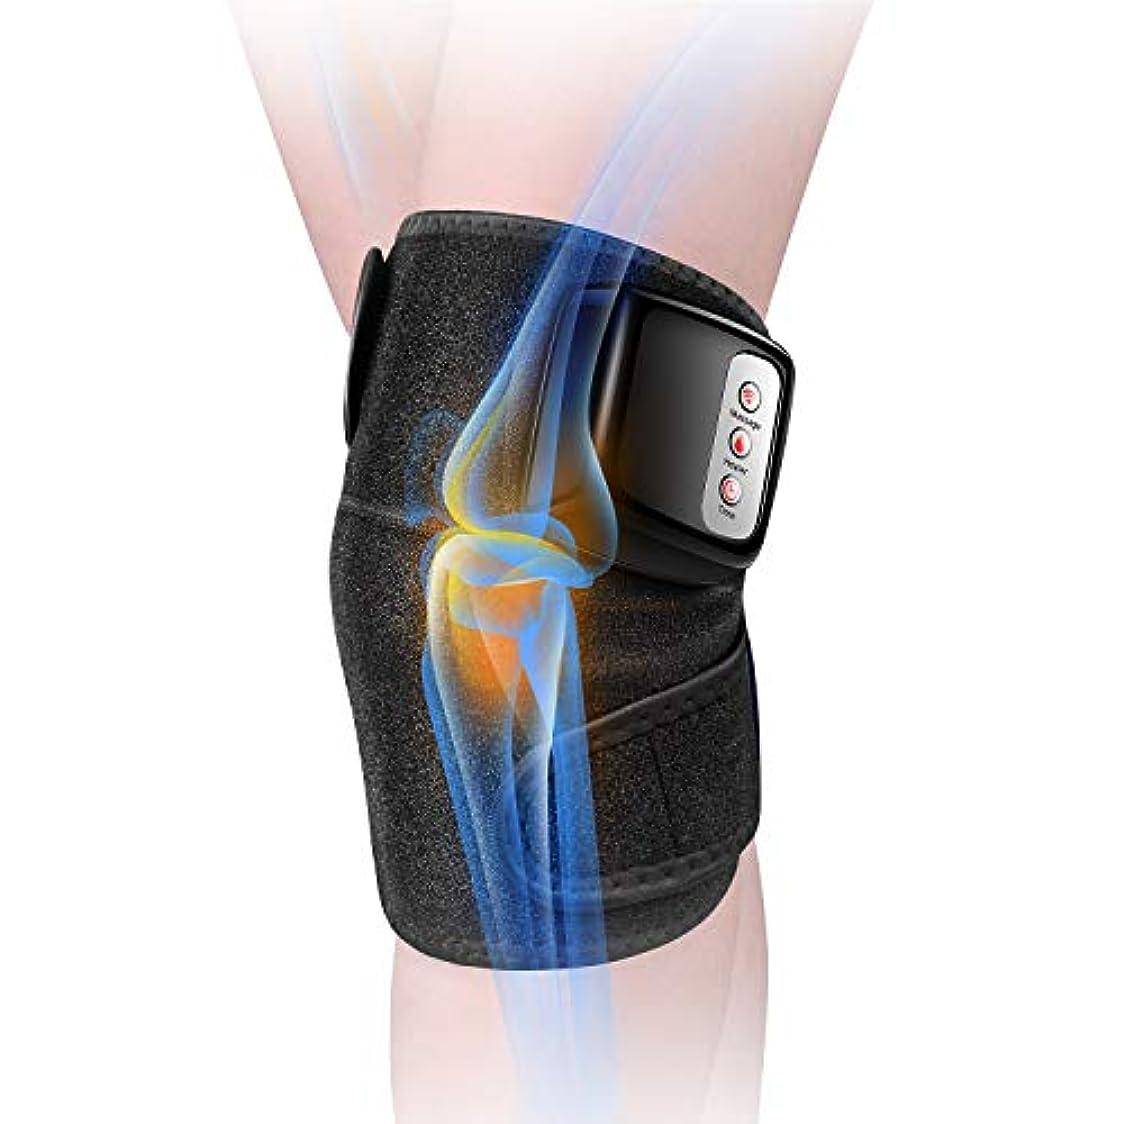 繁栄する品種アイデア膝マッサージャー 関節マッサージャー マッサージ器 フットマッサージャー 振動 赤外線療法 温熱療法 膝サポーター ストレス解消 肩 太もも/腕対応